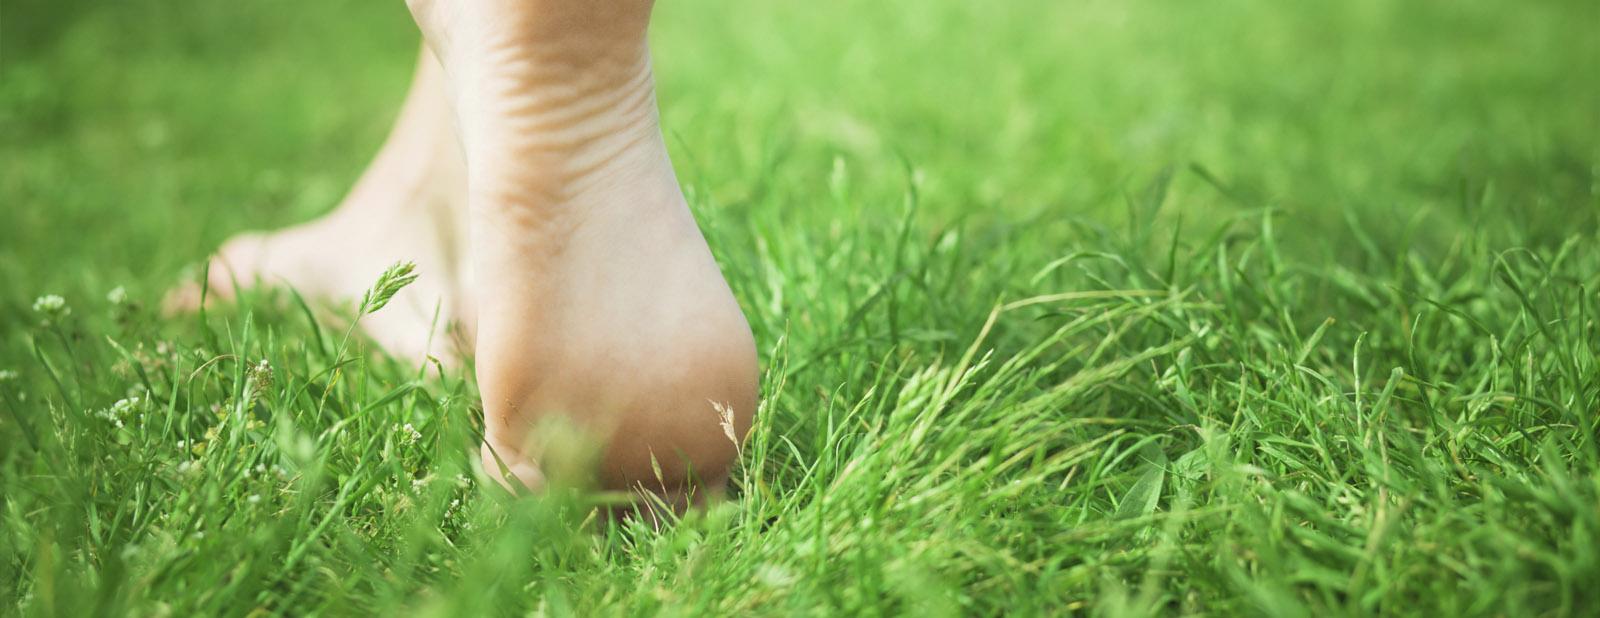 Feet-on-grass